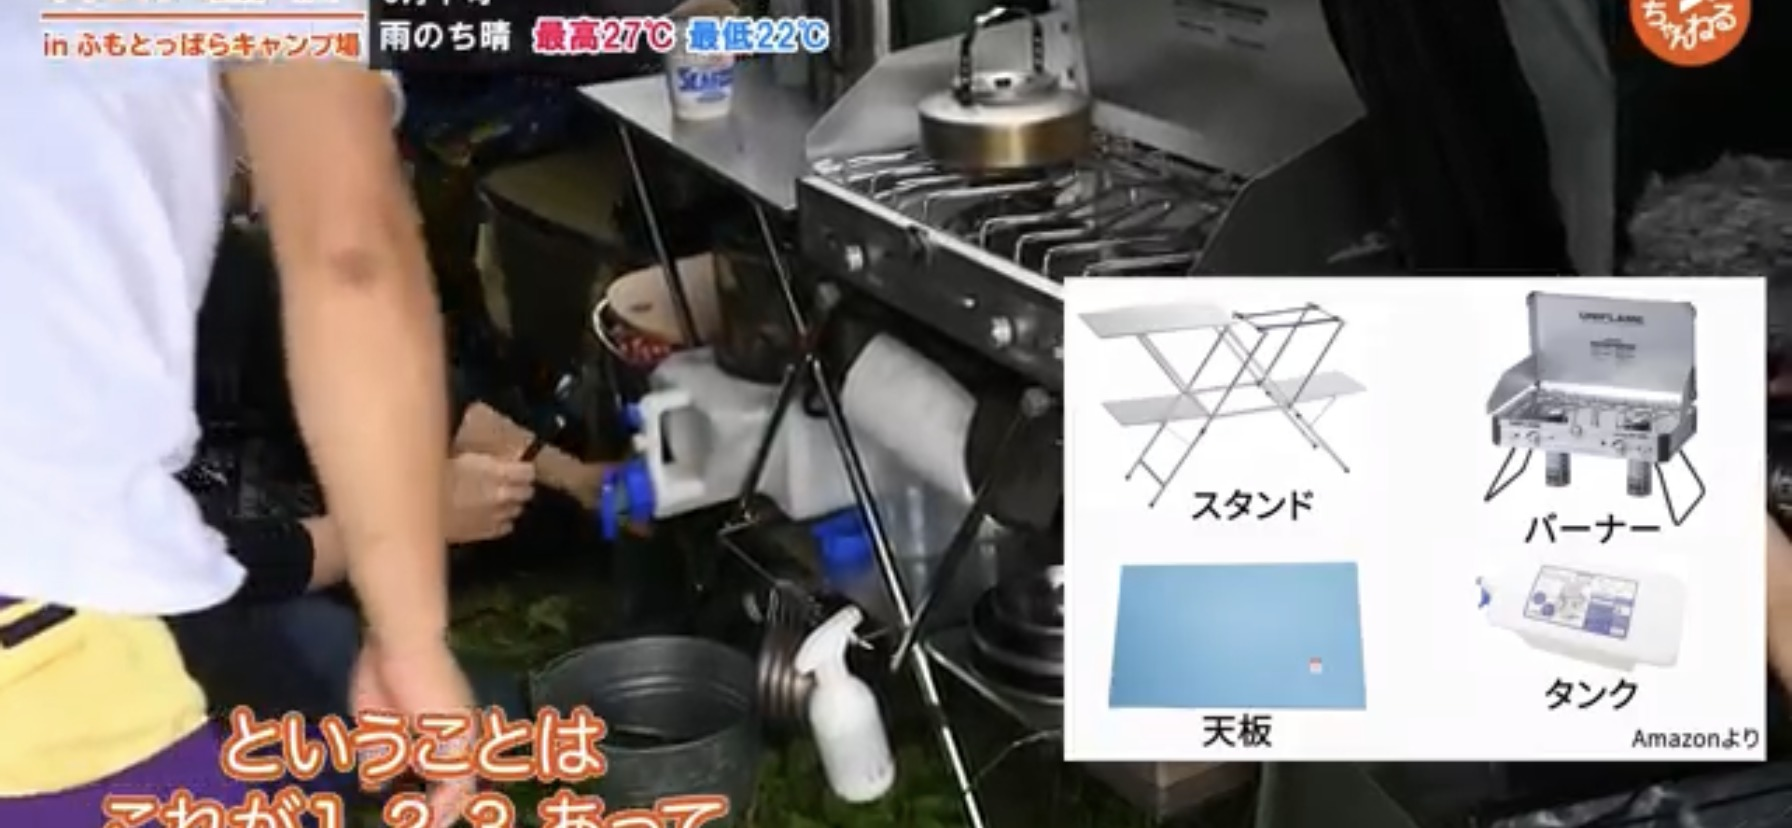 キッチンスタンド:【ユニフレーム】キッチンスタンド 2 テーブルの写真